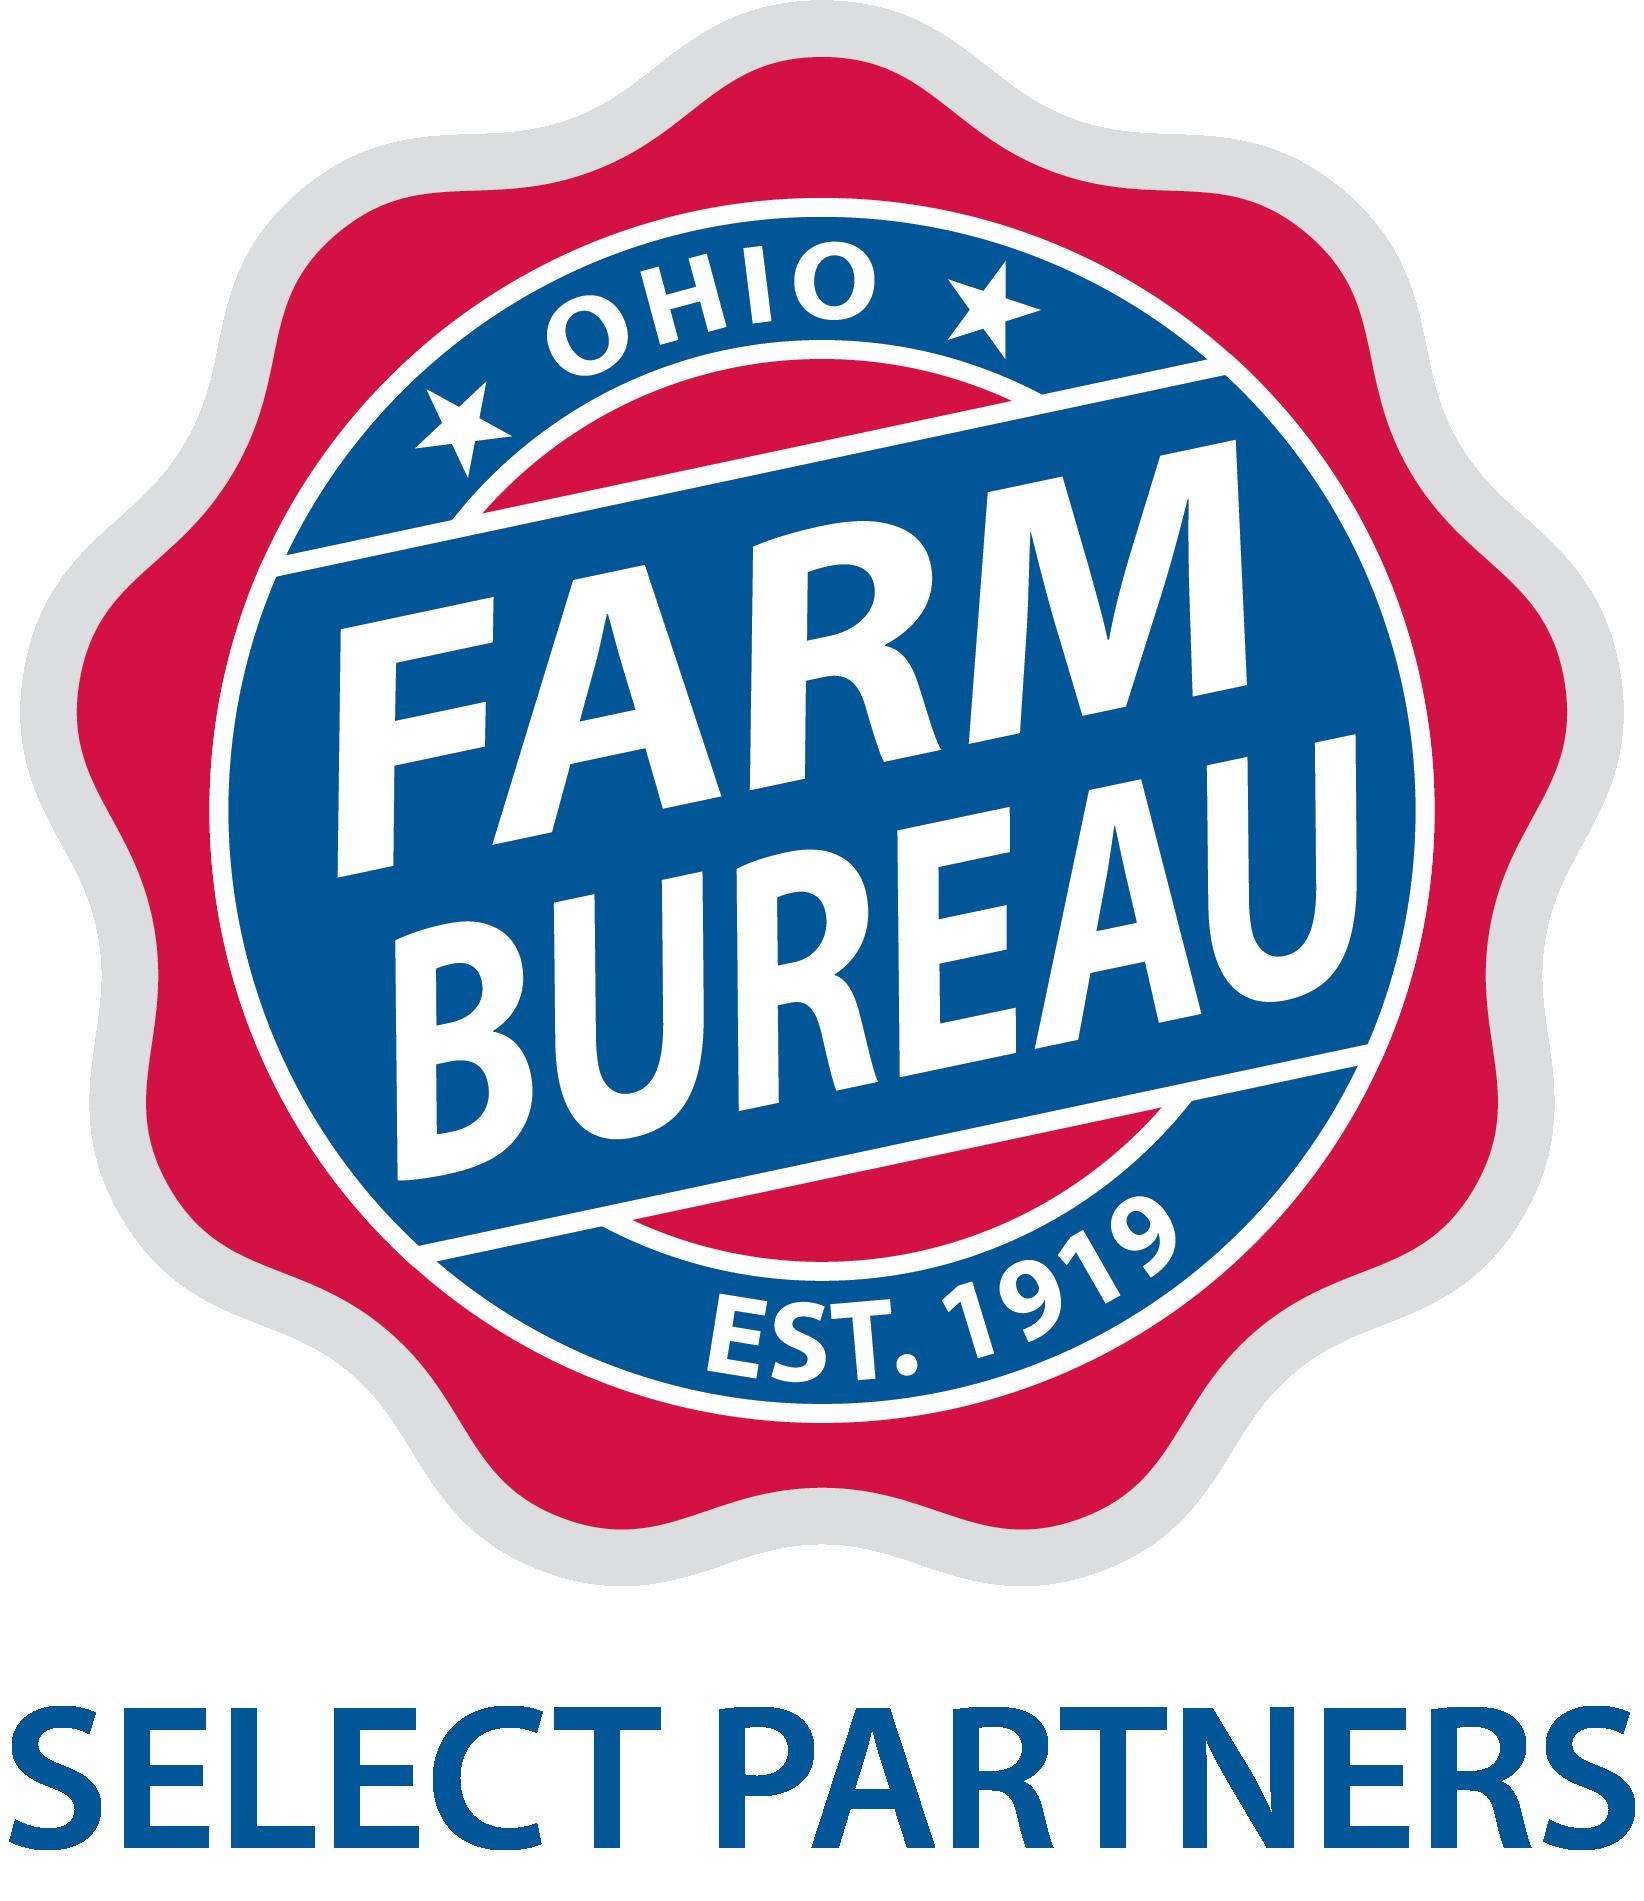 Ohio Farm Bureau Select Partners